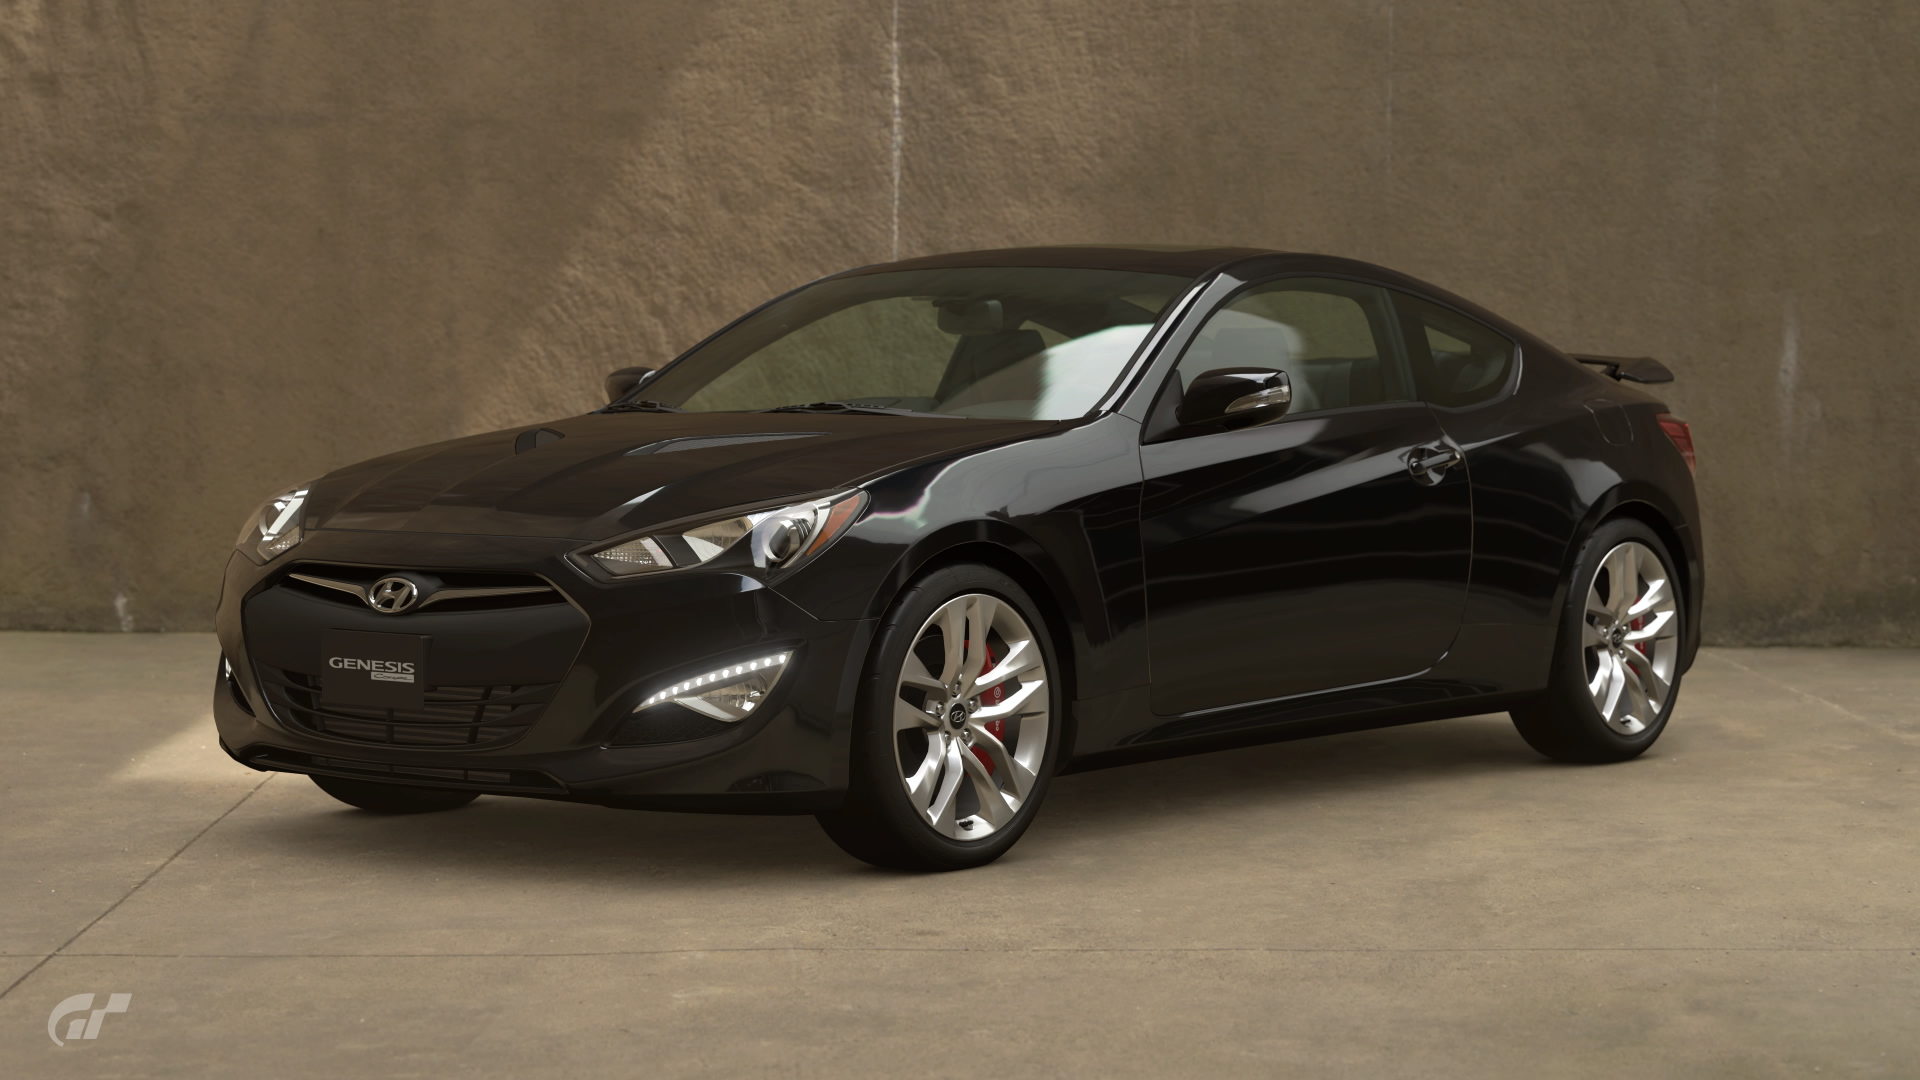 Hyundai Genesis Coupe 3 8 Track 13 Gran Turismo Wiki